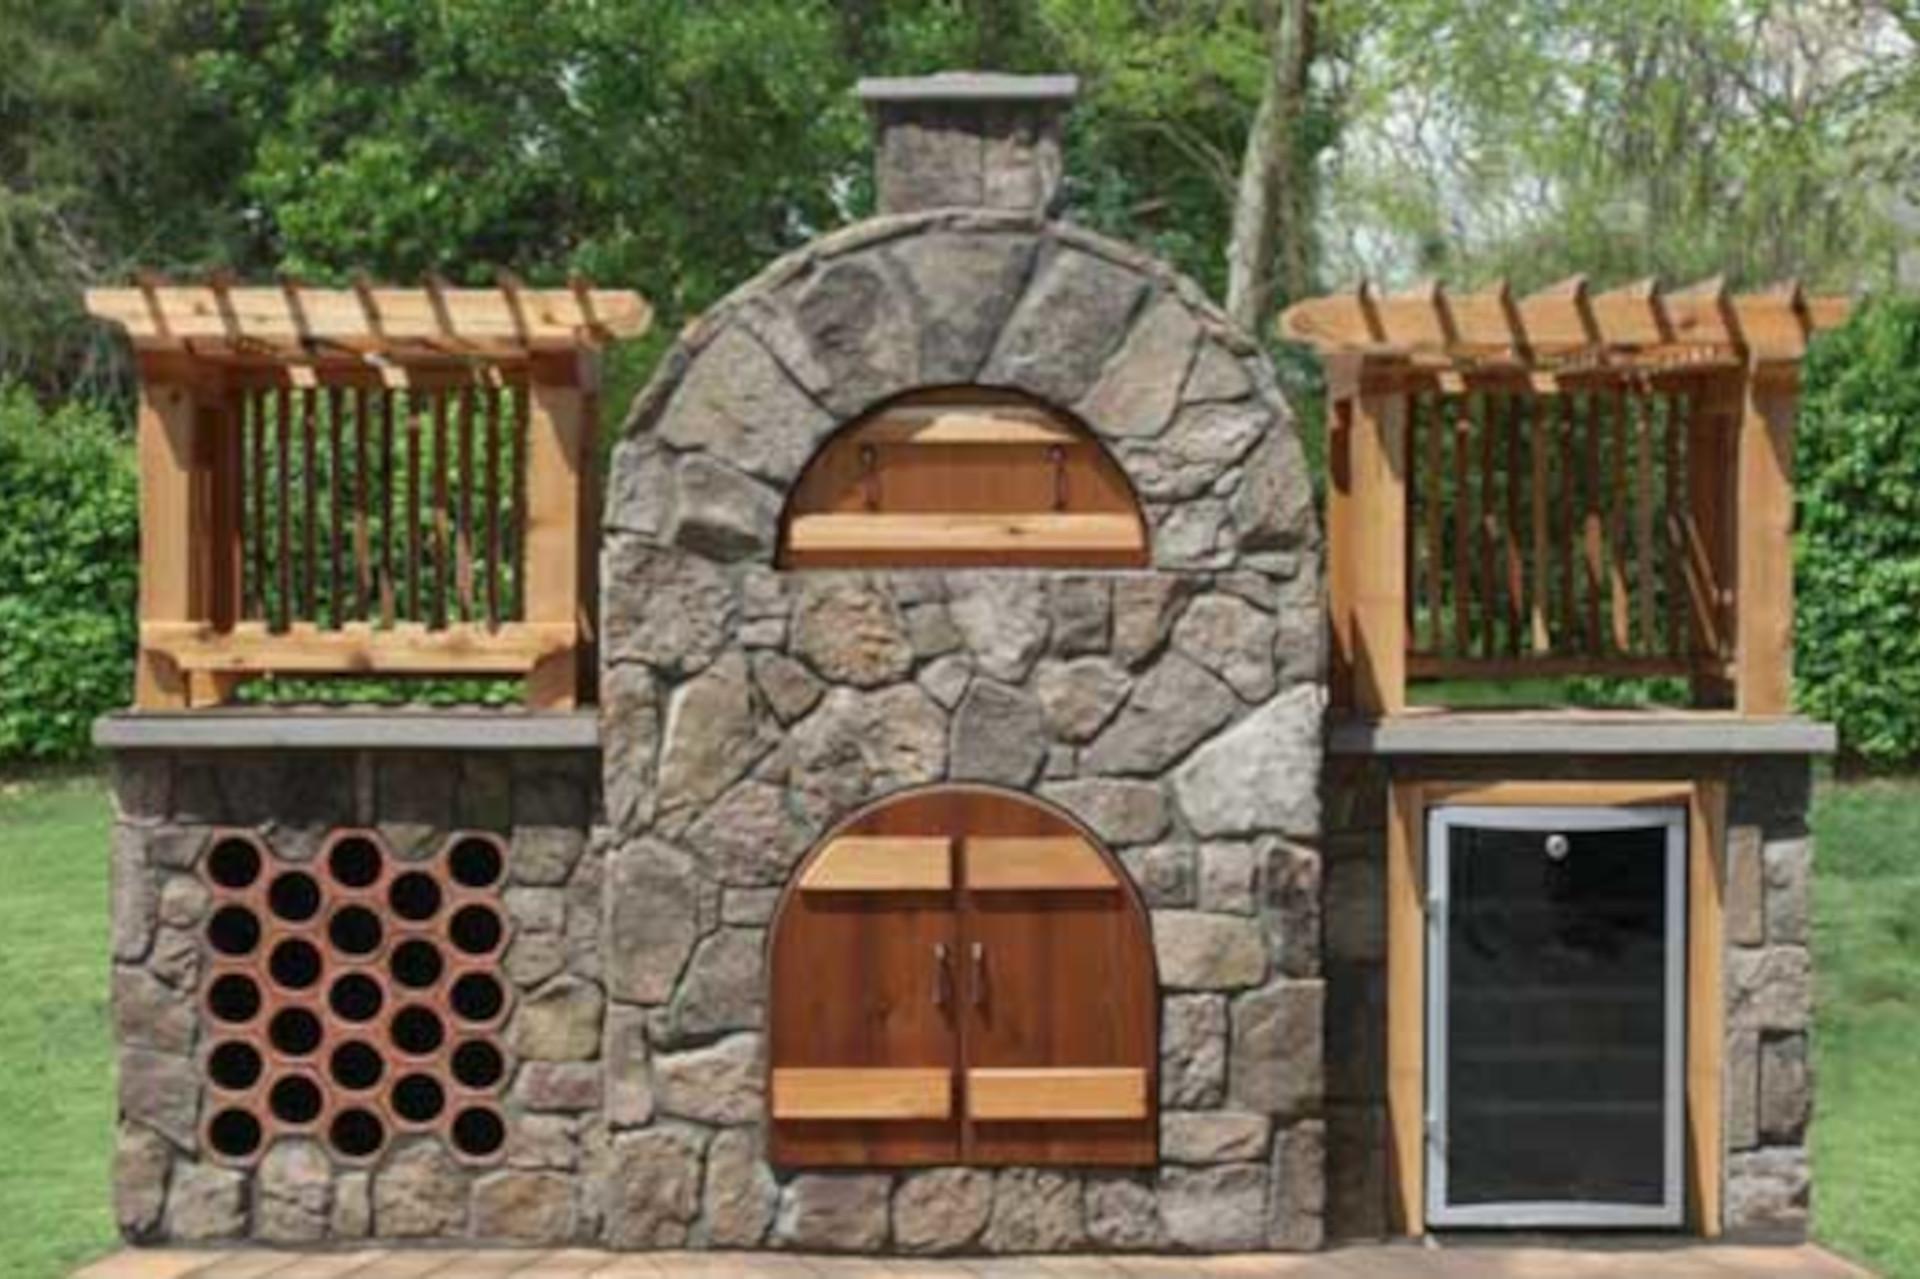 Stone Age Masonry Pizza Oven Kits